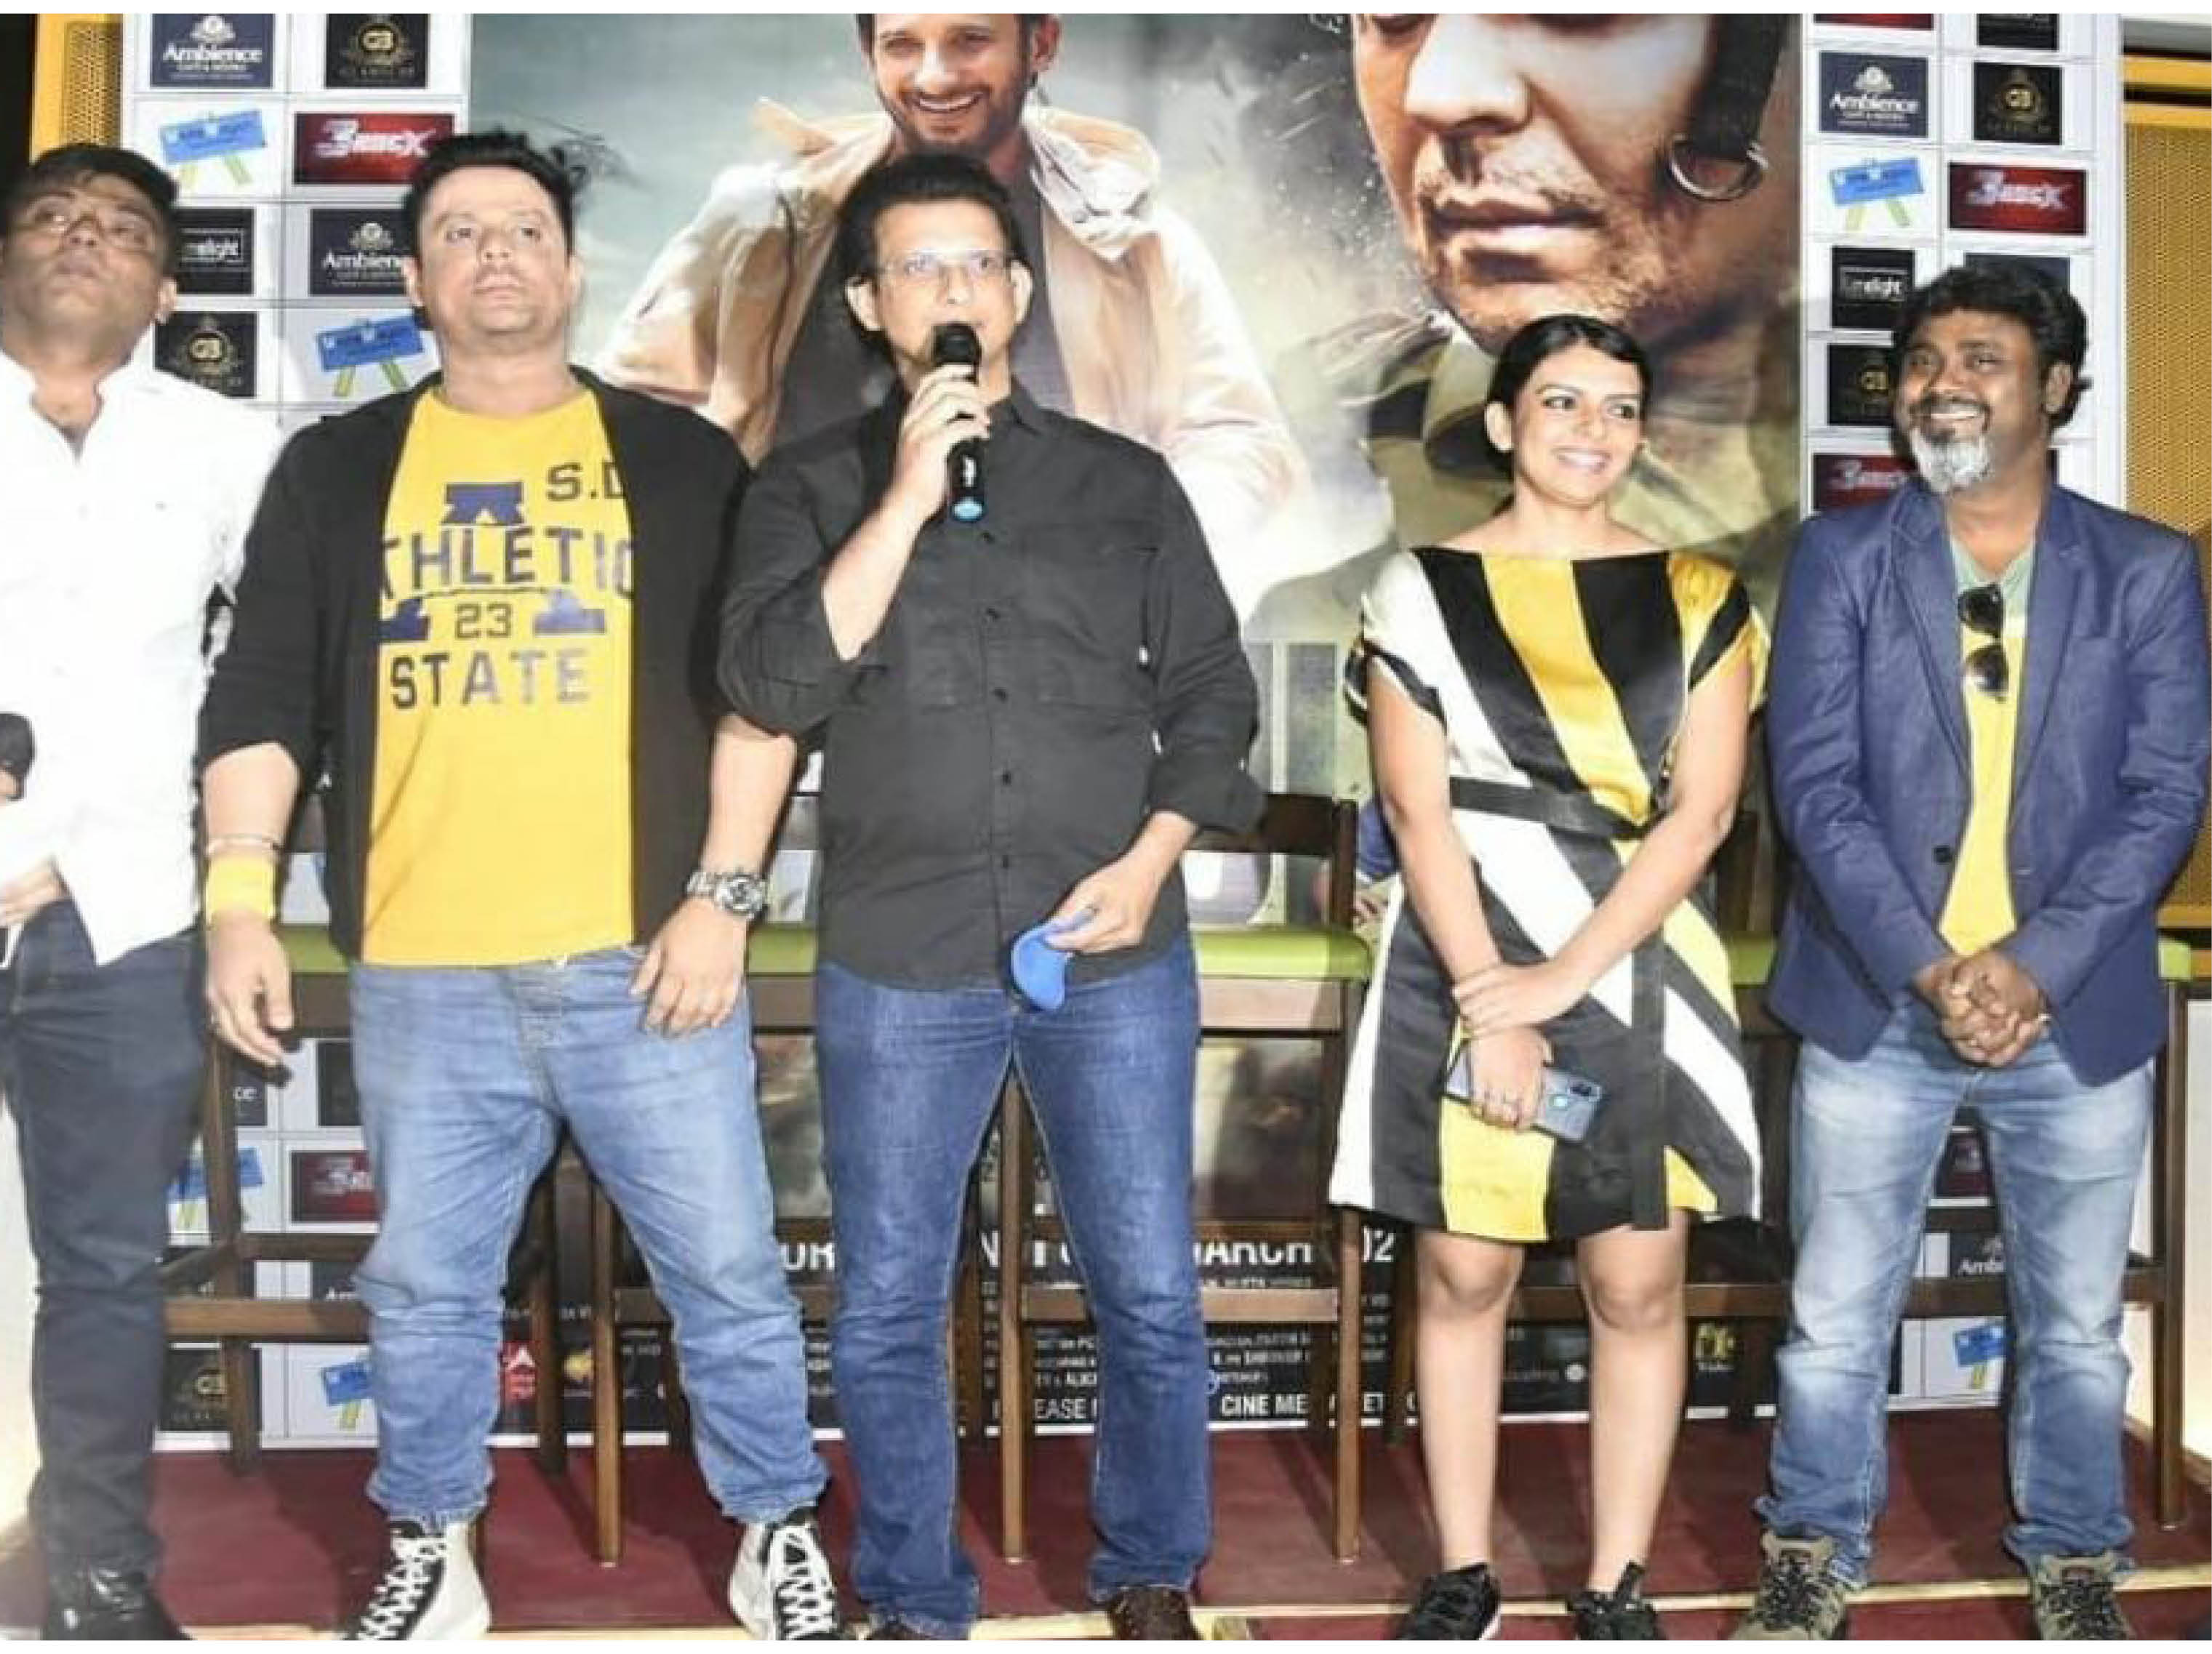 पुलवामा आतंकी हमले पर बनी है फिल्म 'फौजी कॉलिंग', फौजी पिता का इंतजार करती छोटी बच्ची की कहानी|भोपाल,Bhopal - Dainik Bhaskar